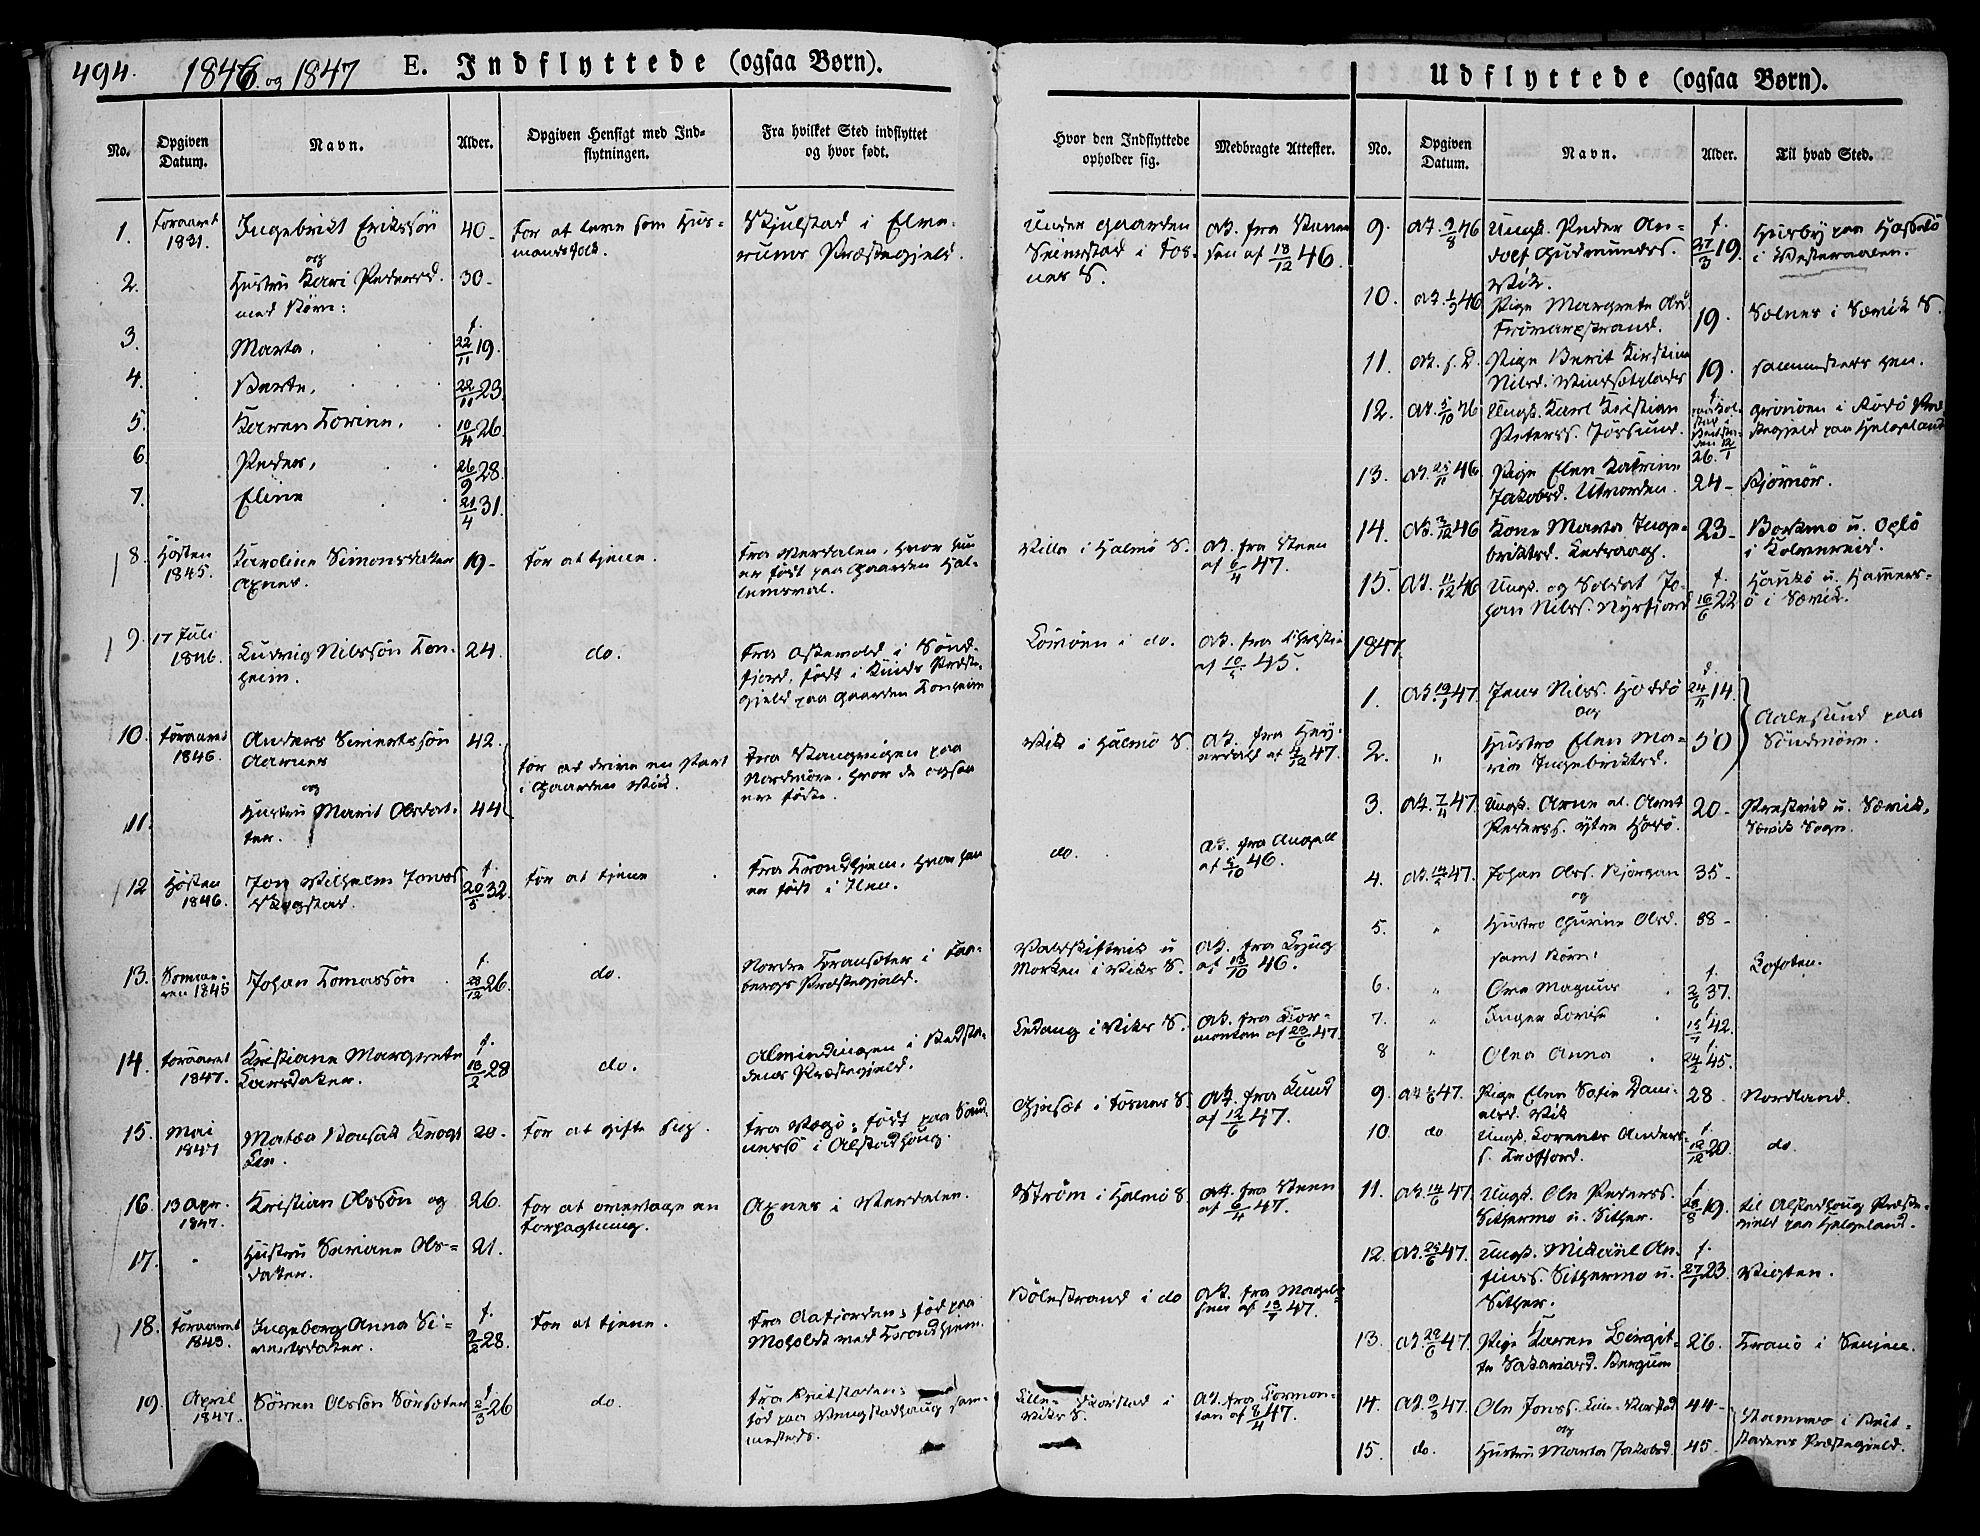 SAT, Ministerialprotokoller, klokkerbøker og fødselsregistre - Nord-Trøndelag, 773/L0614: Ministerialbok nr. 773A05, 1831-1856, s. 494